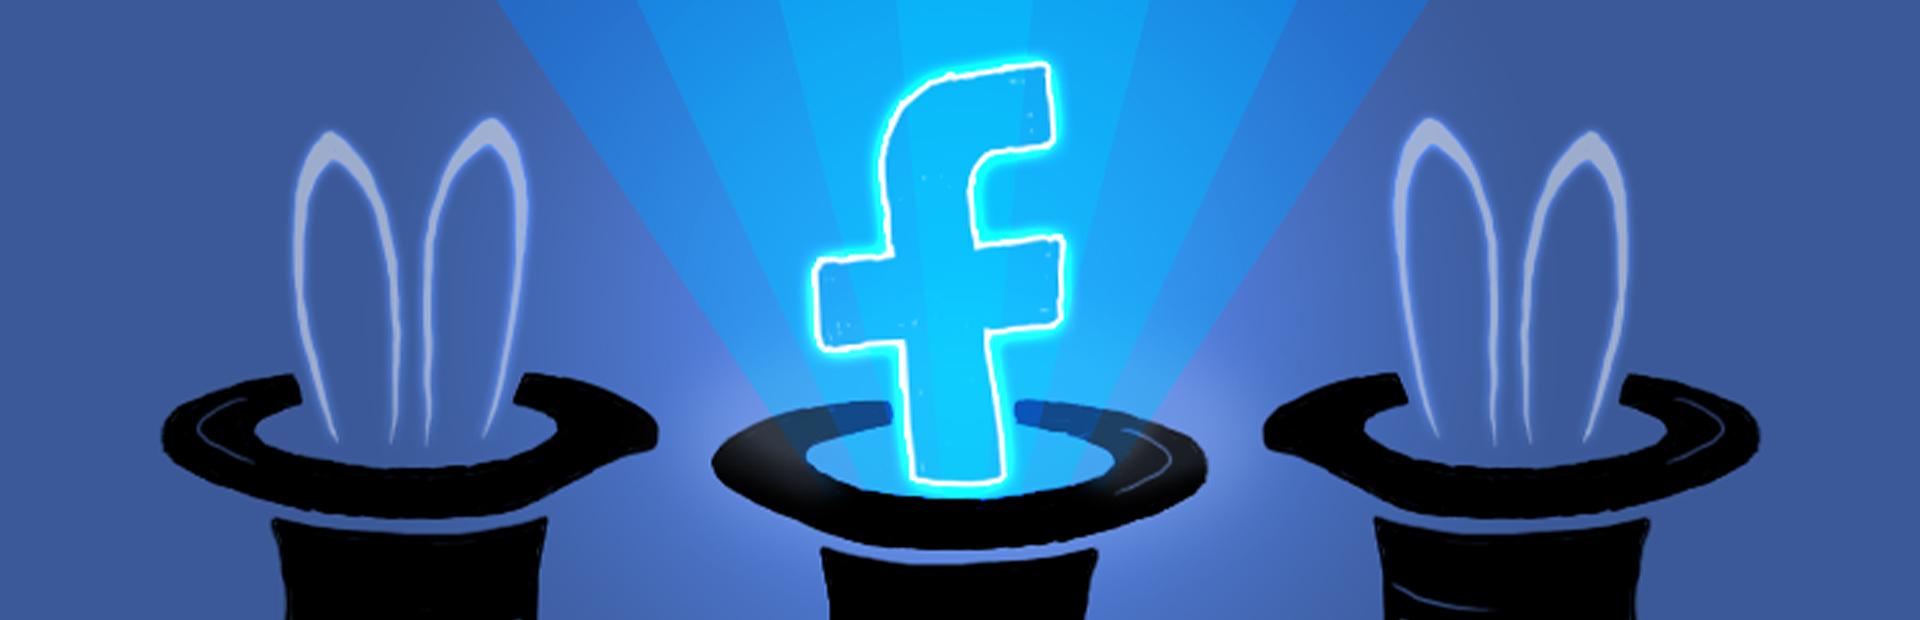 Sprawdzone tricki jak prowadzić fanpage na facebooku